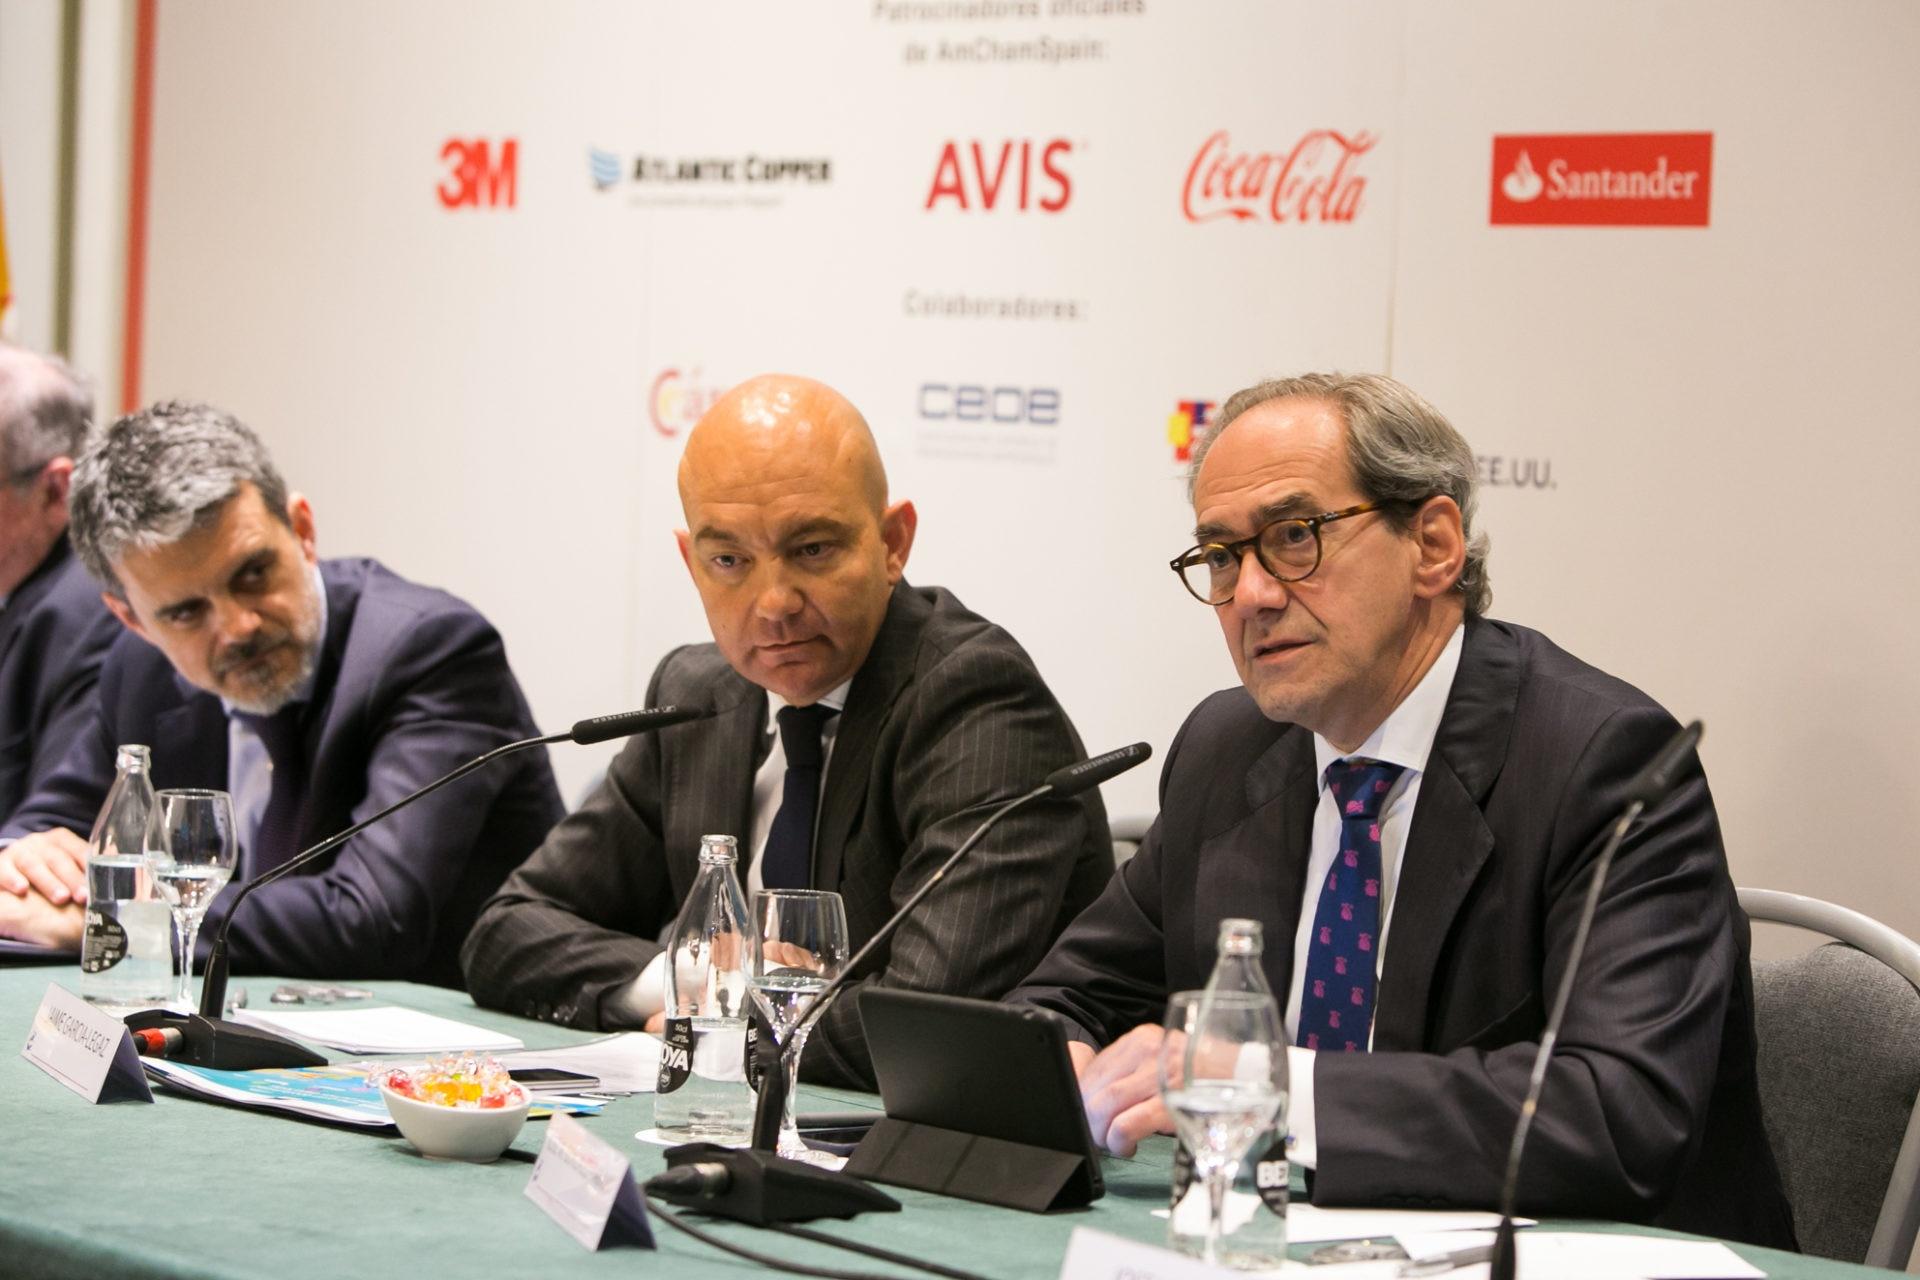 José Manuel González-Paramo, consejero ejecutivo de BBVA, en su discurso, junto al secretario de Estado de Comercio, Jaime García-Legaz; y Jaime Malet, presidente de la Cámara de Comercio de EE.UU. en España.